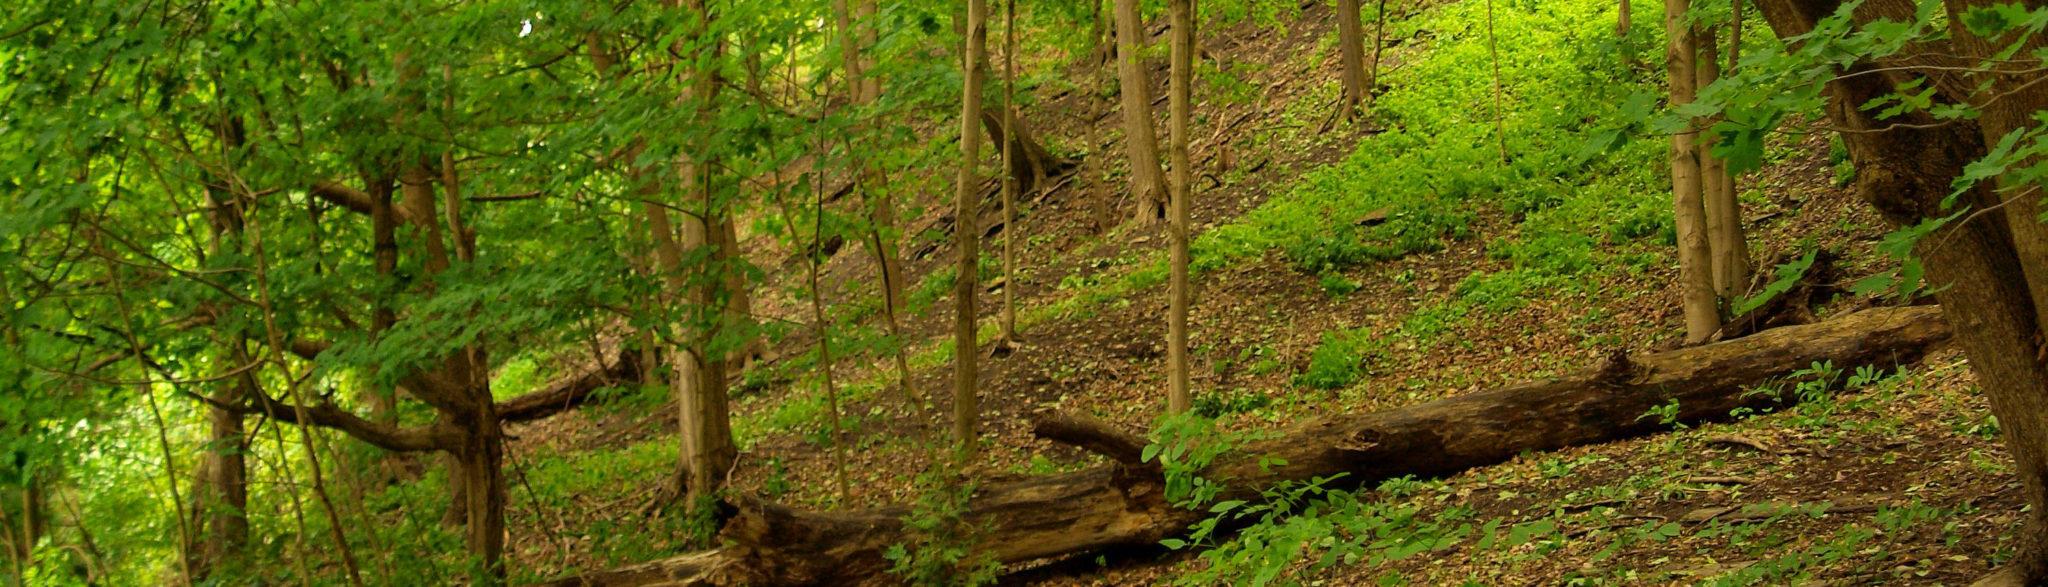 powalone drzewo w lesie